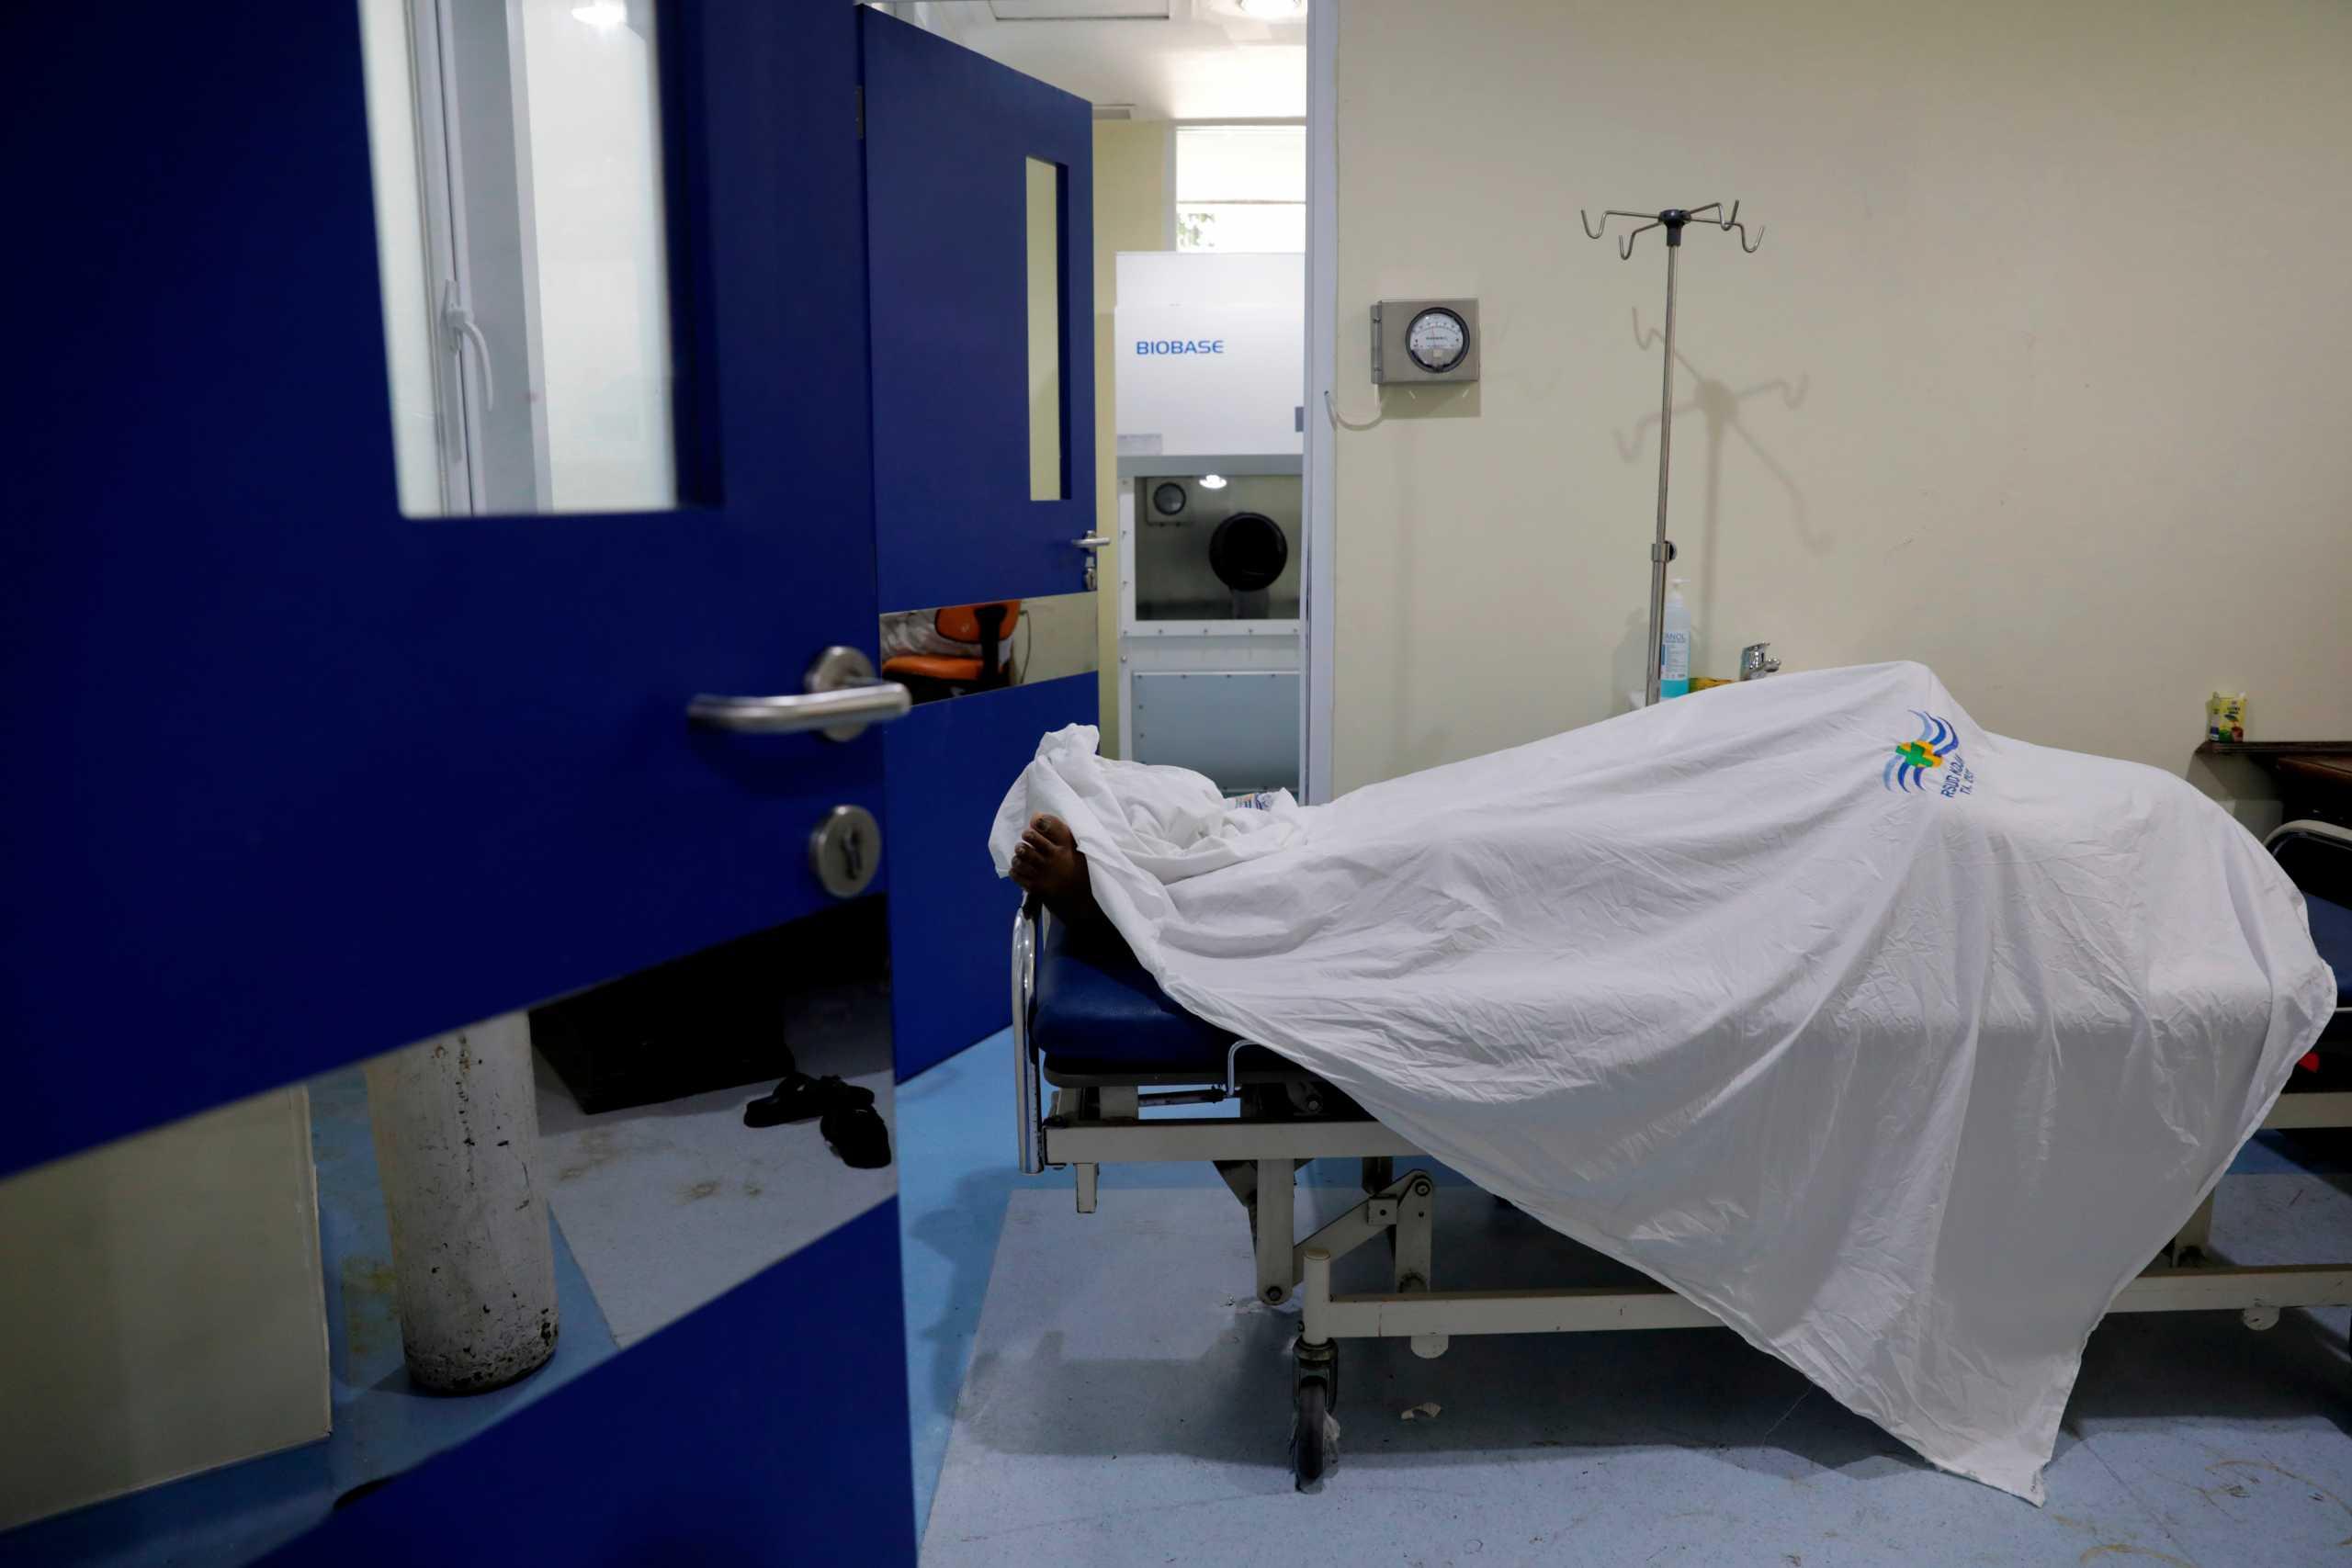 Ινδονησία: Δεκάδες ασθενείς με κορονοϊό πεθαίνουν λόγω έλλειψης οξυγόνου στα νοσοκομεία